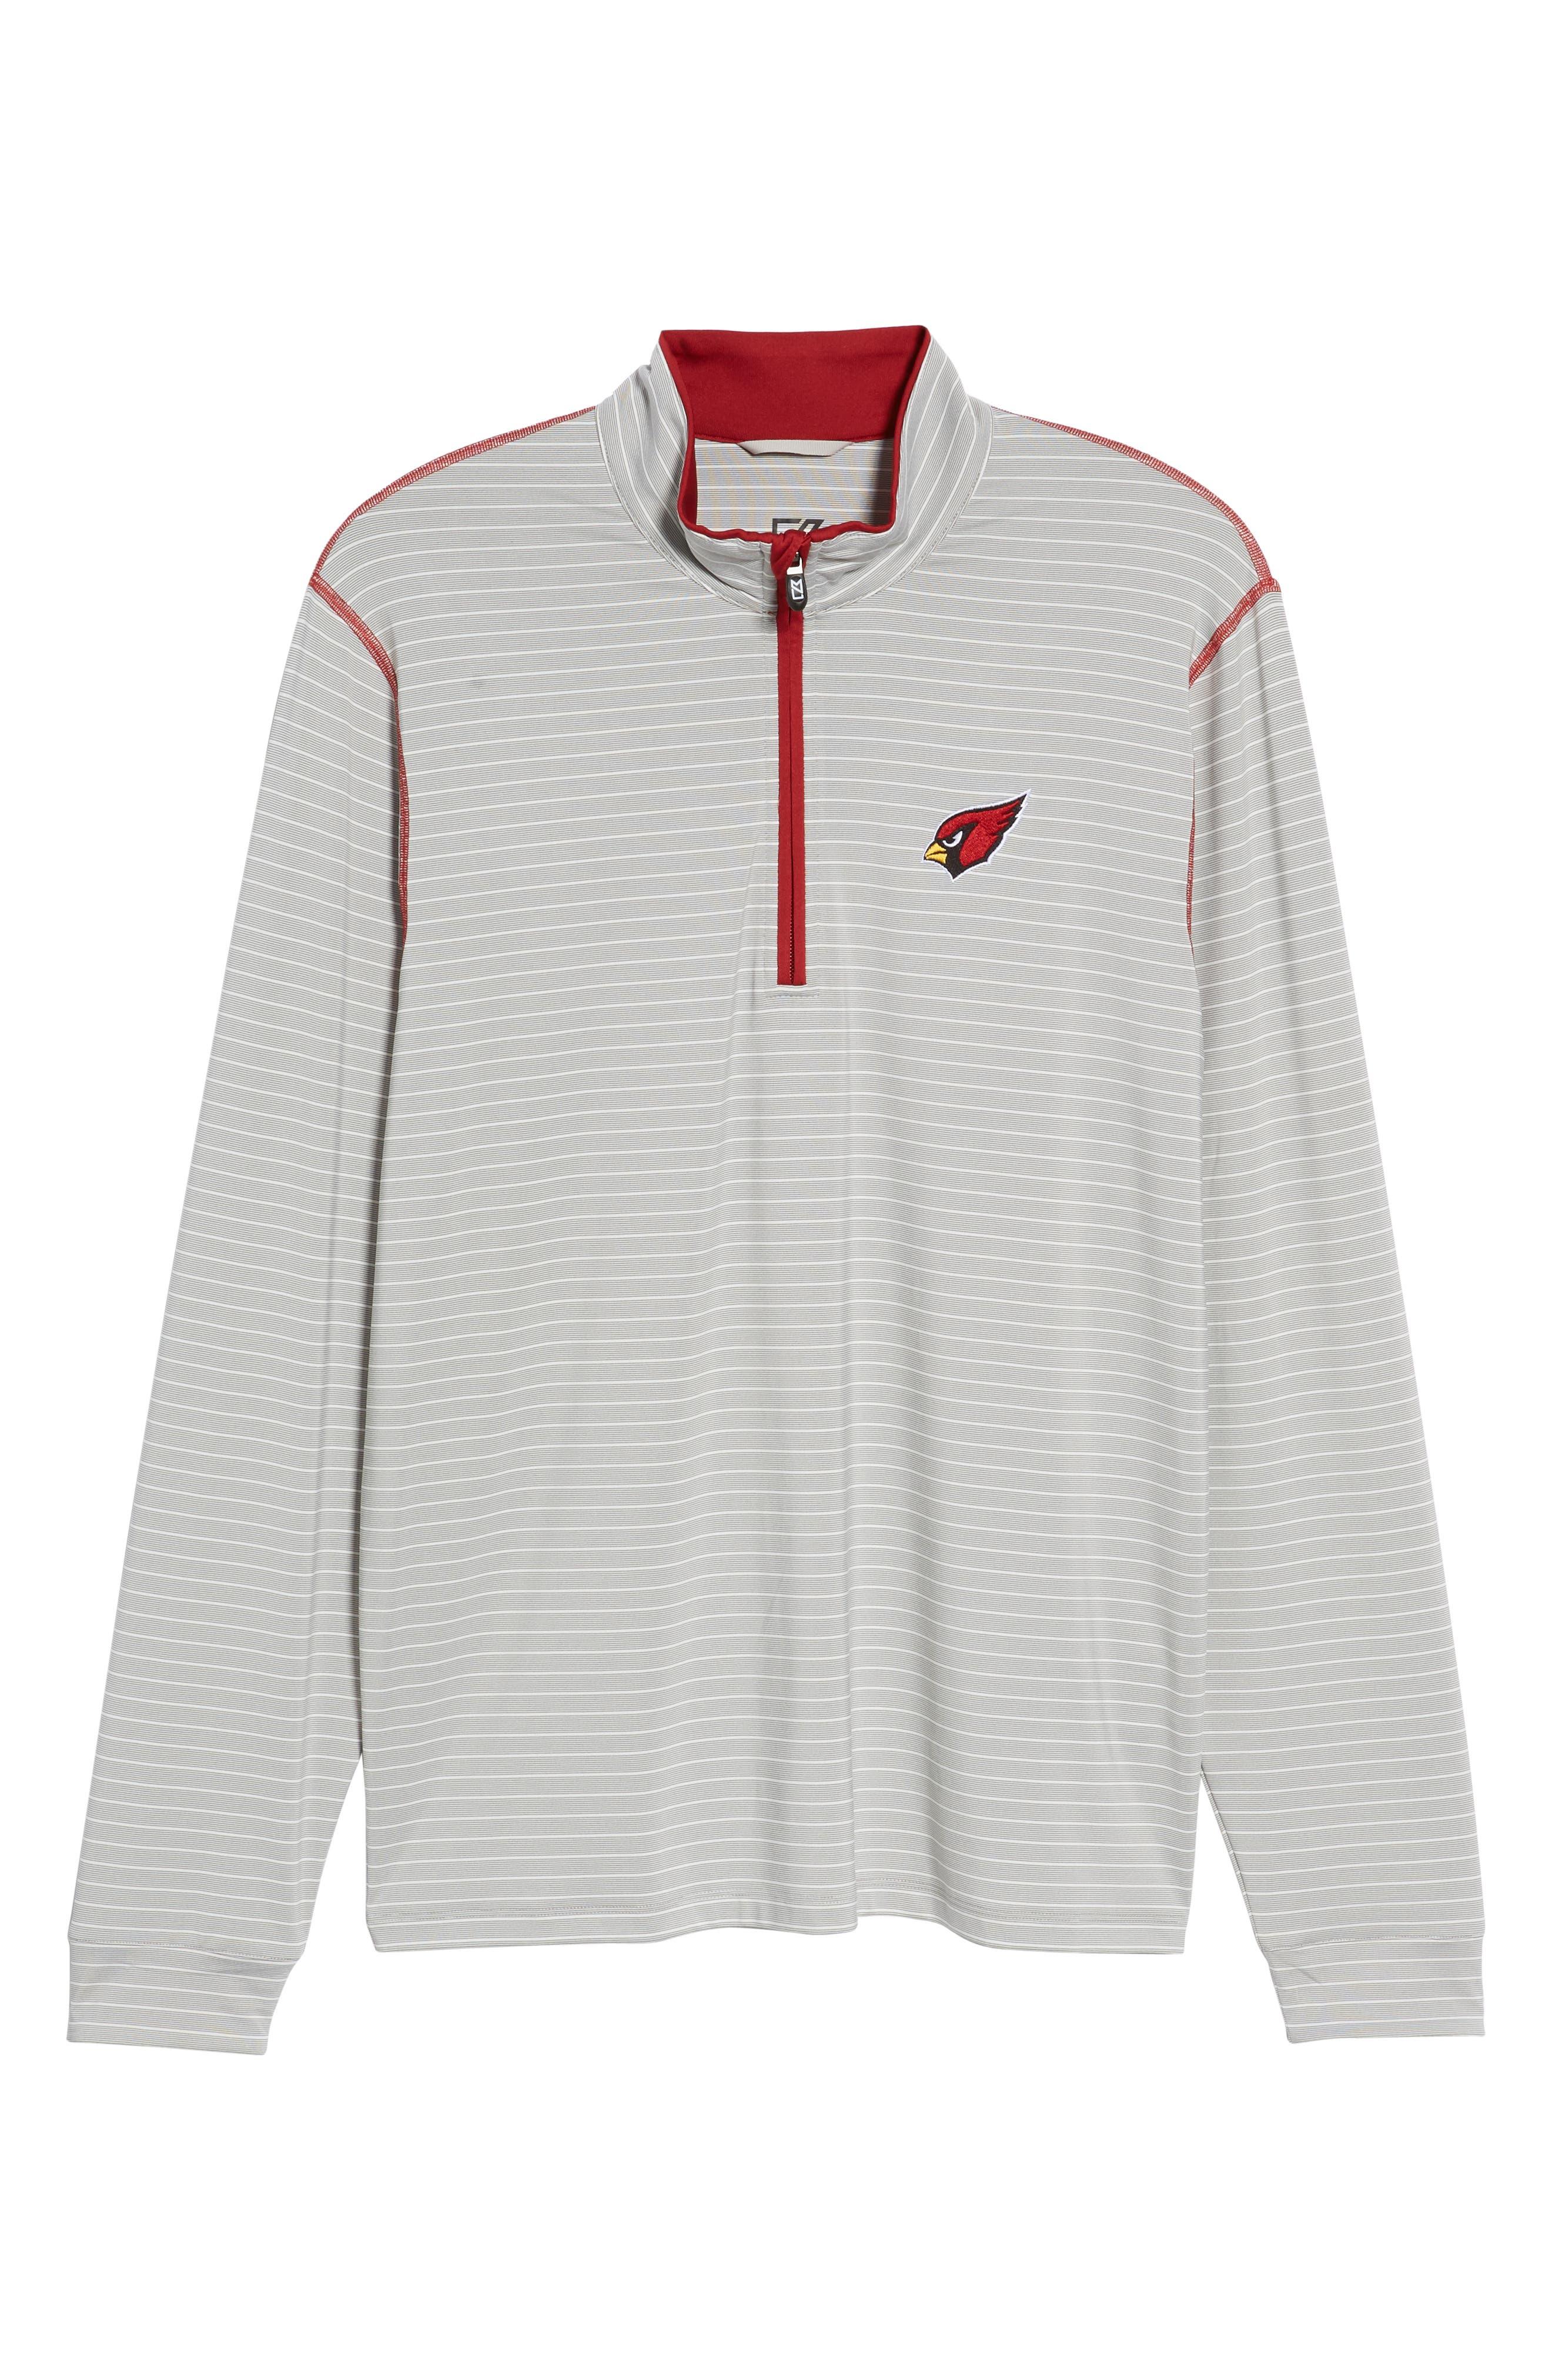 Meridian - Arizona Cardinals Regular Fit Half Zip Pullover,                             Alternate thumbnail 6, color,                             CARDINAL RED